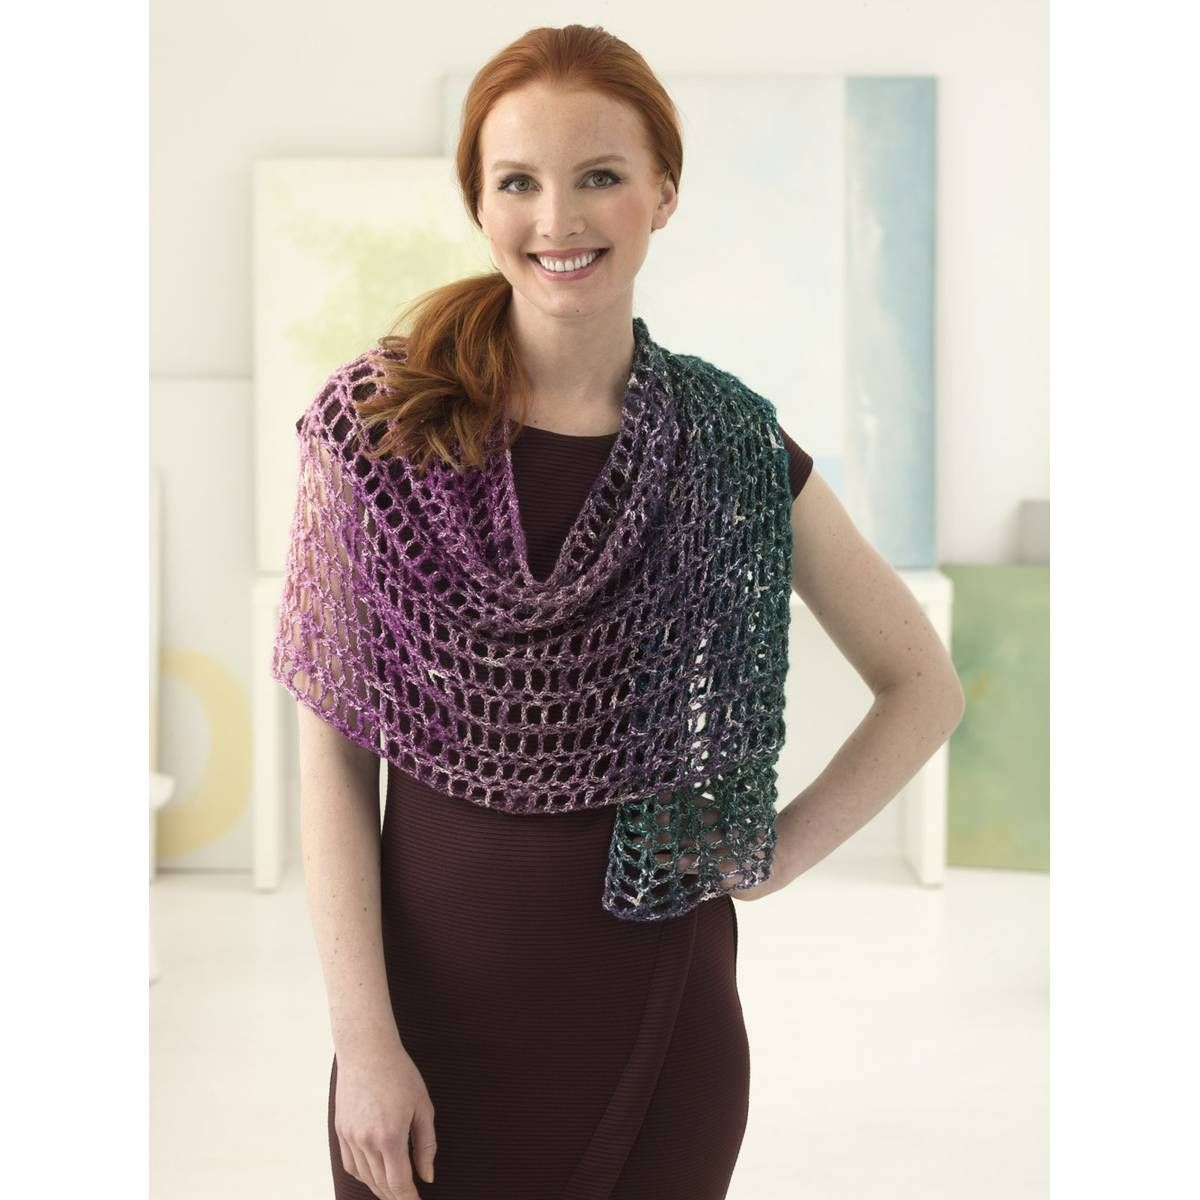 Free Pattern Lion Brand Shawl In A Ball Crochet Sparkle Shawl L60157 Shawl In A Ball Crochet Shawls And Wraps Crochet Kit